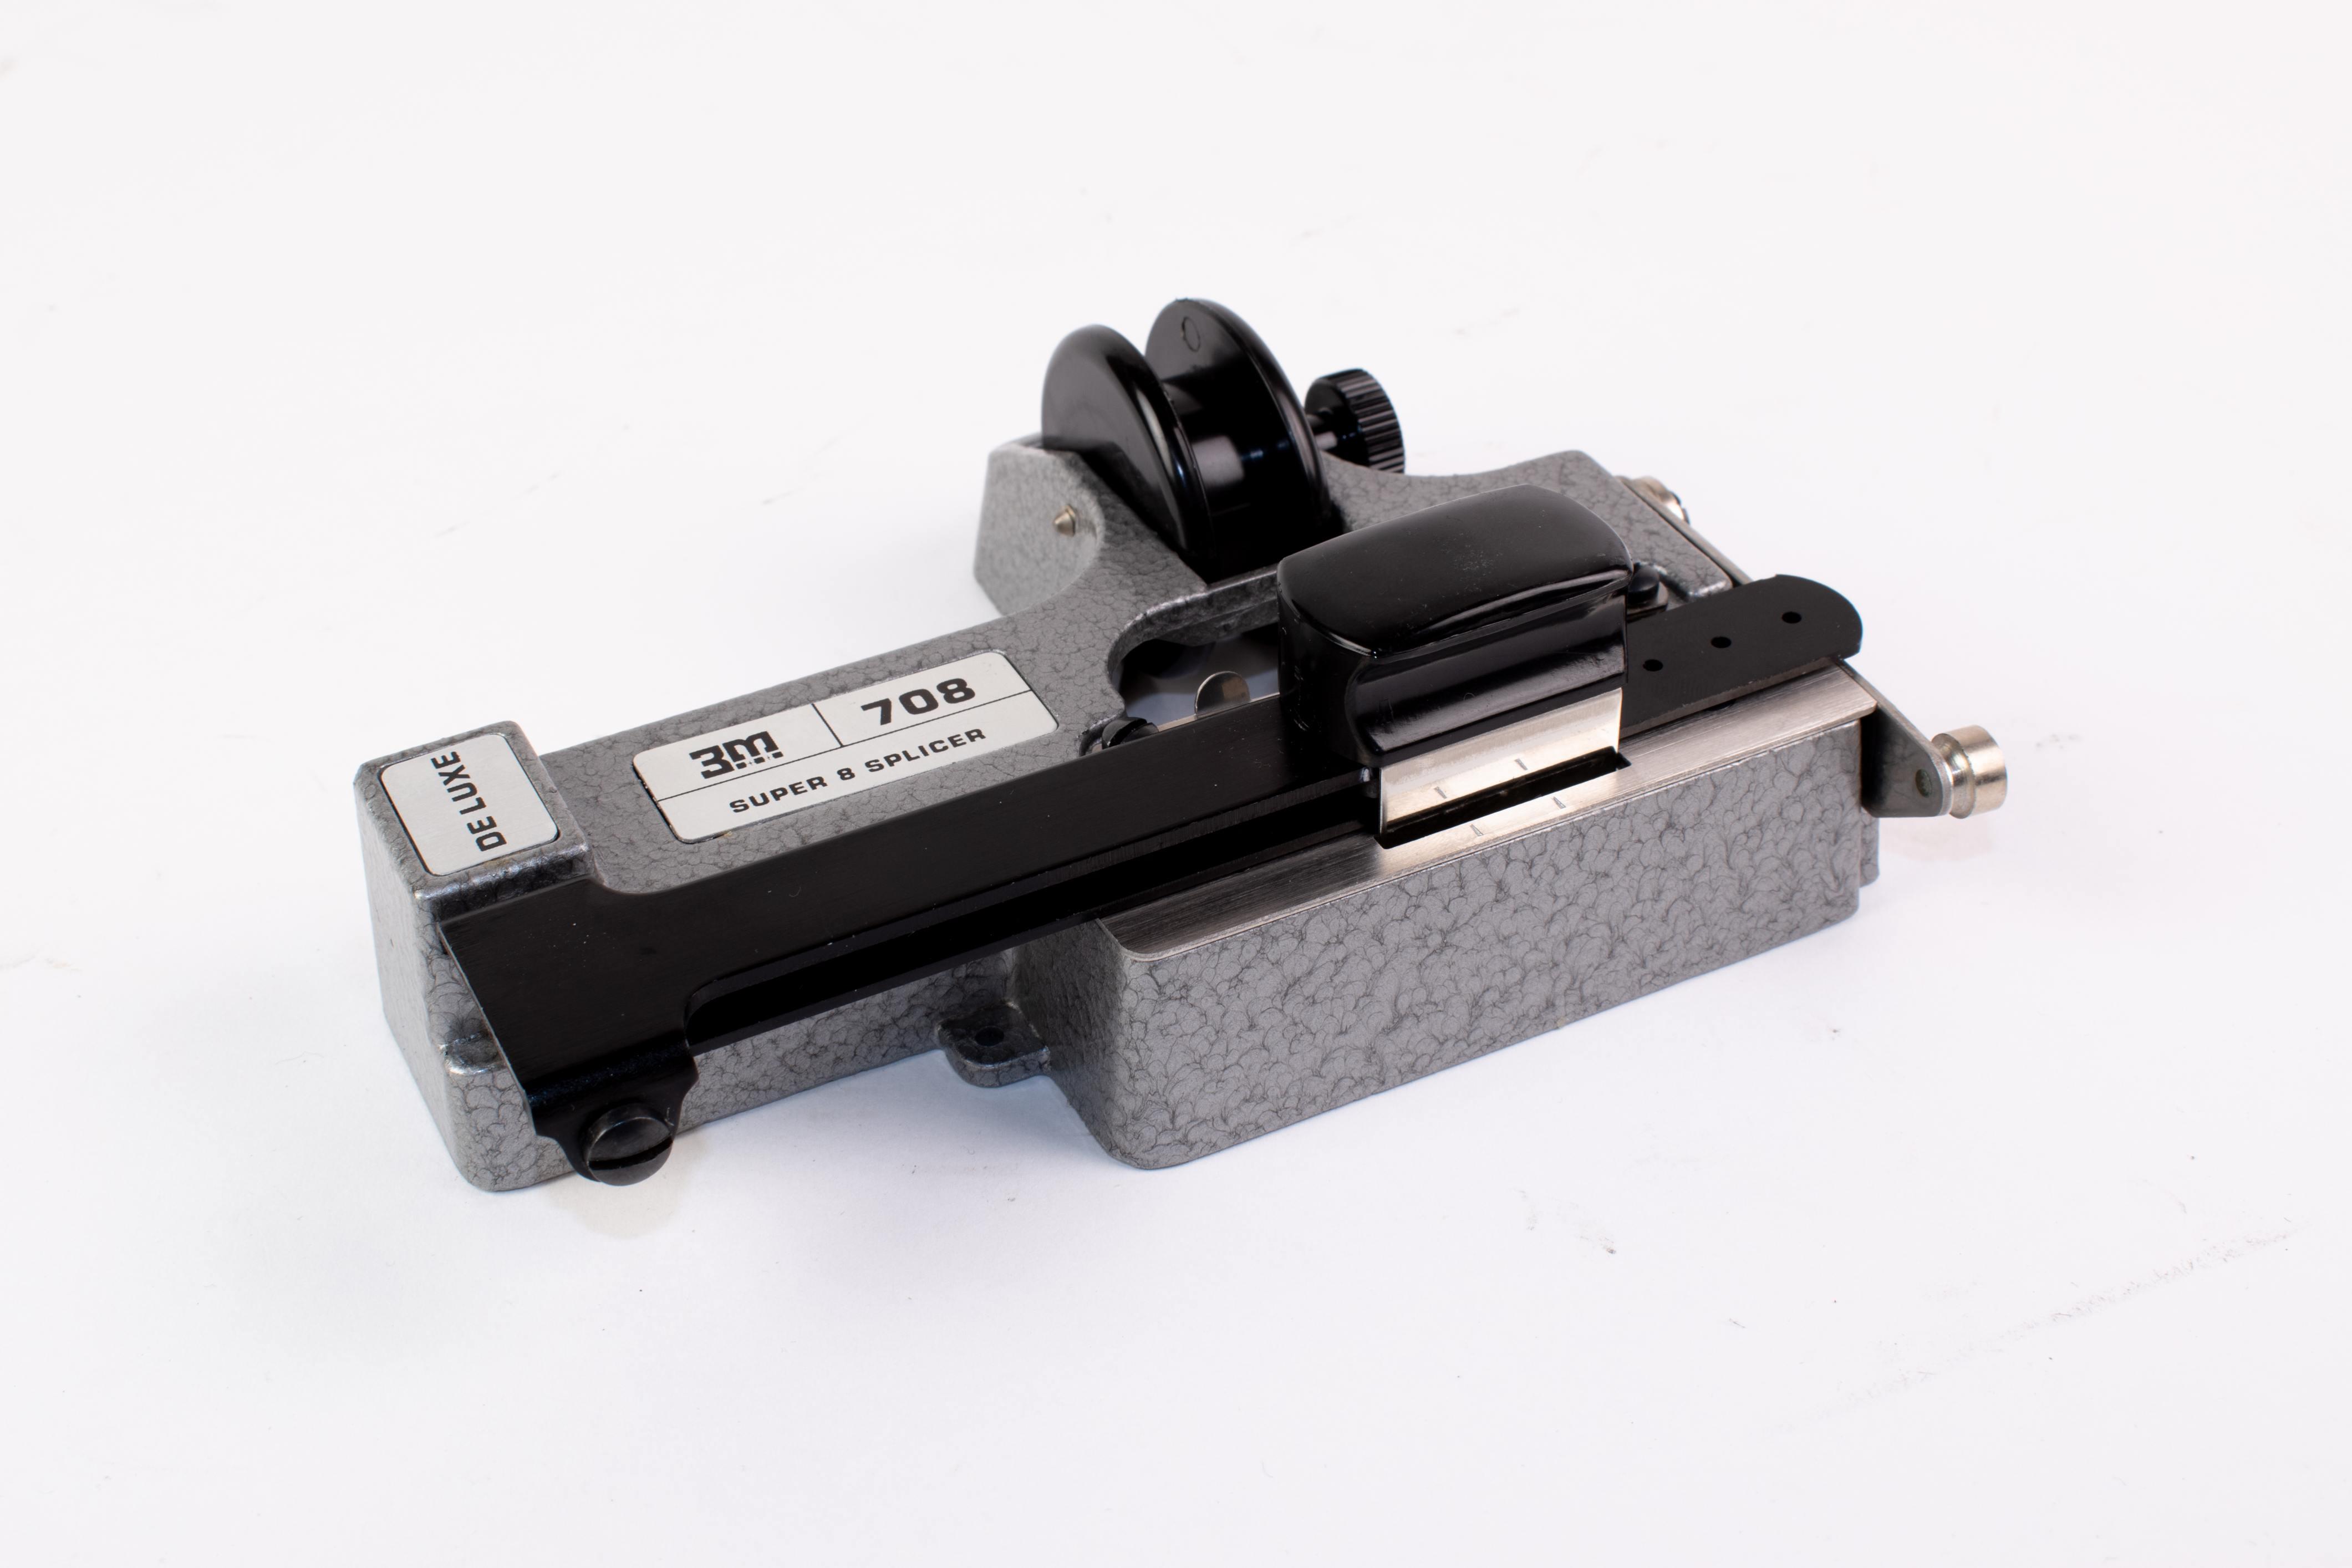 8 mm splicer  (CIR)